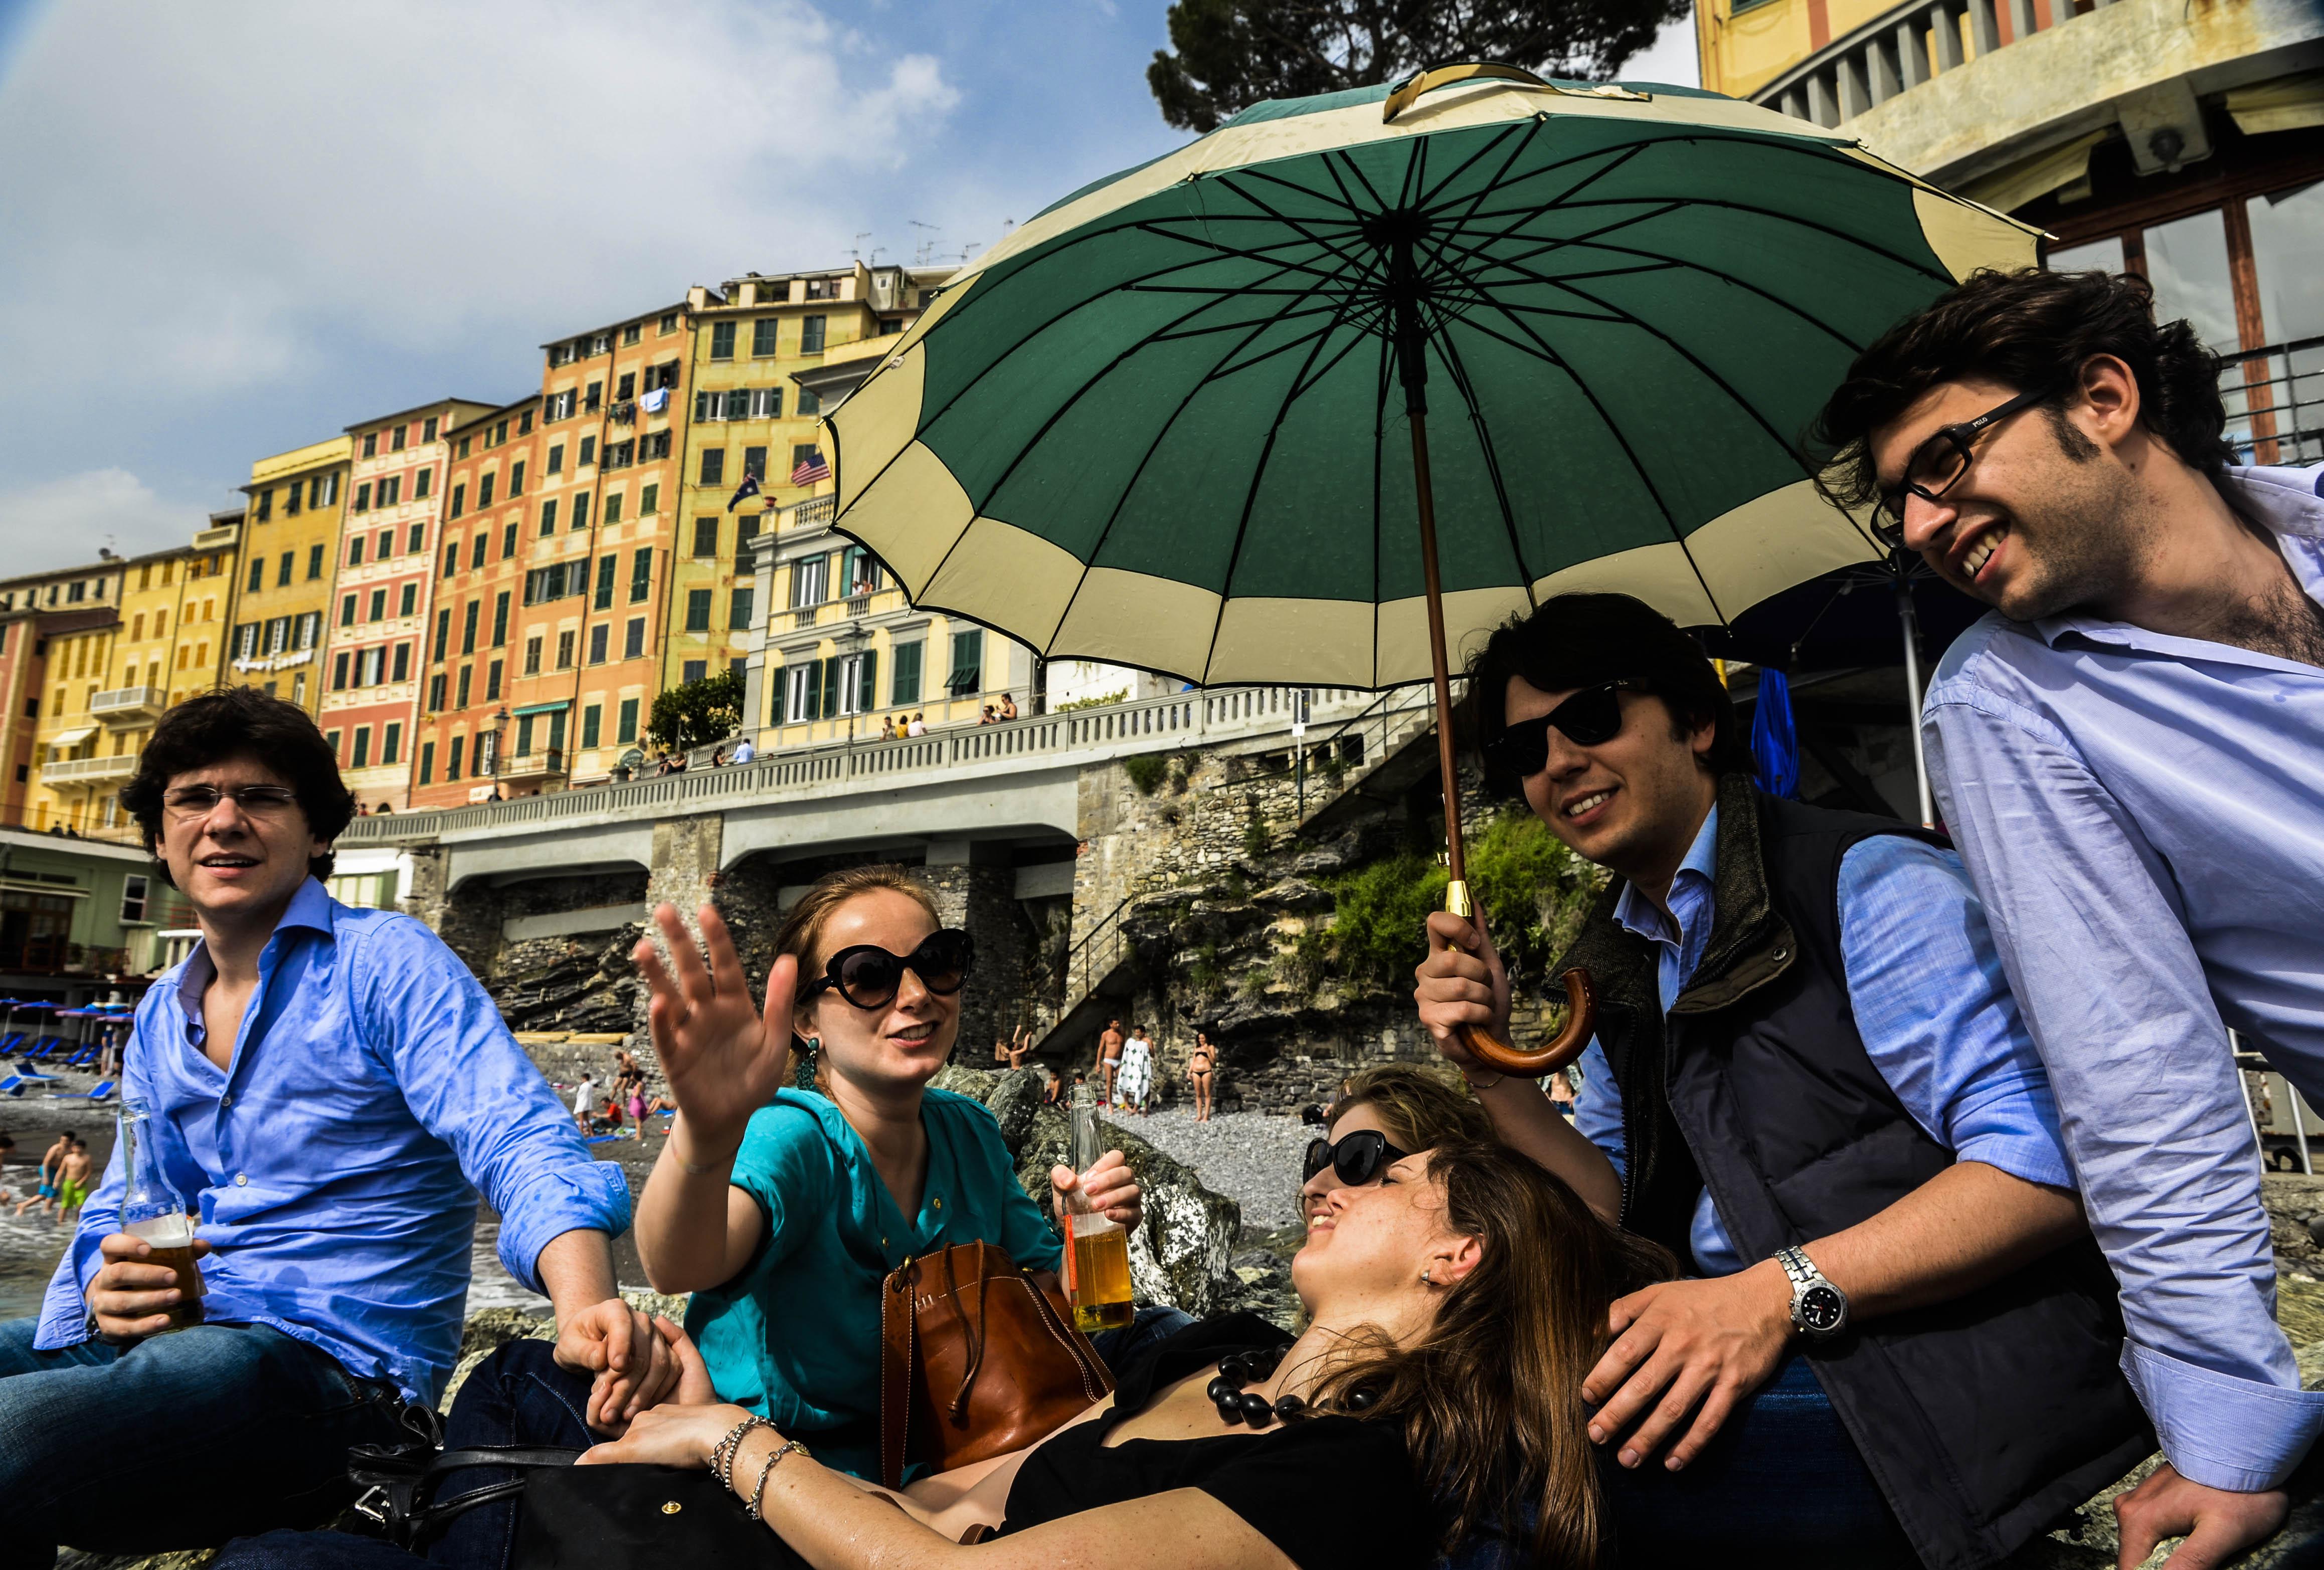 camogli-soleil-ou-pluie-le-parapluie-utile